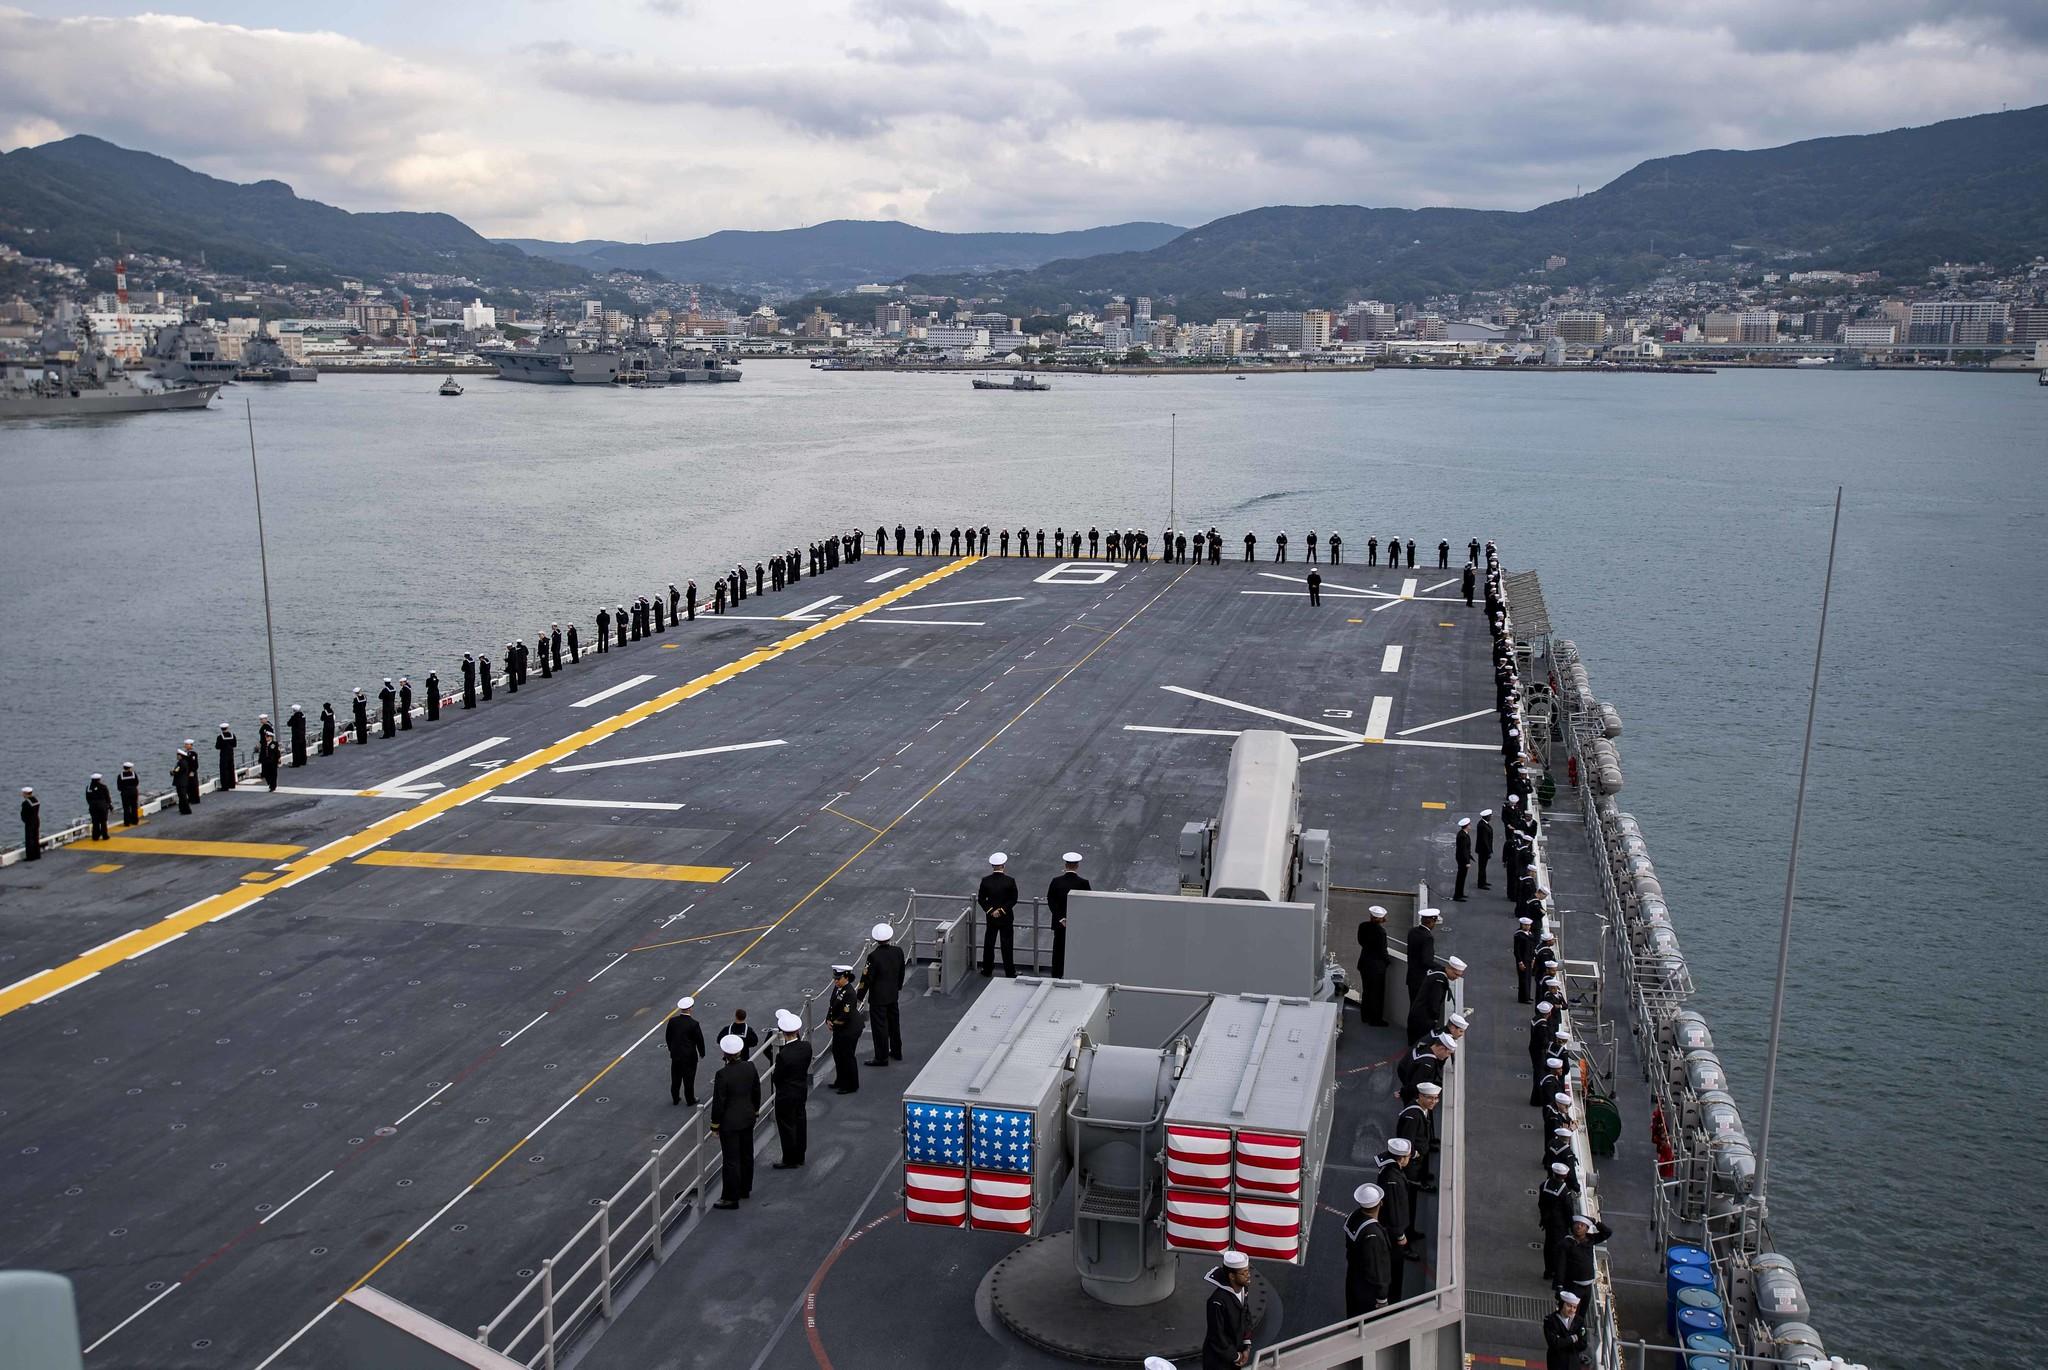 美西藏快3讨论群—官方网址22270.COM最强两栖战舰进驻日本搭载F-35战力远超轻型航母